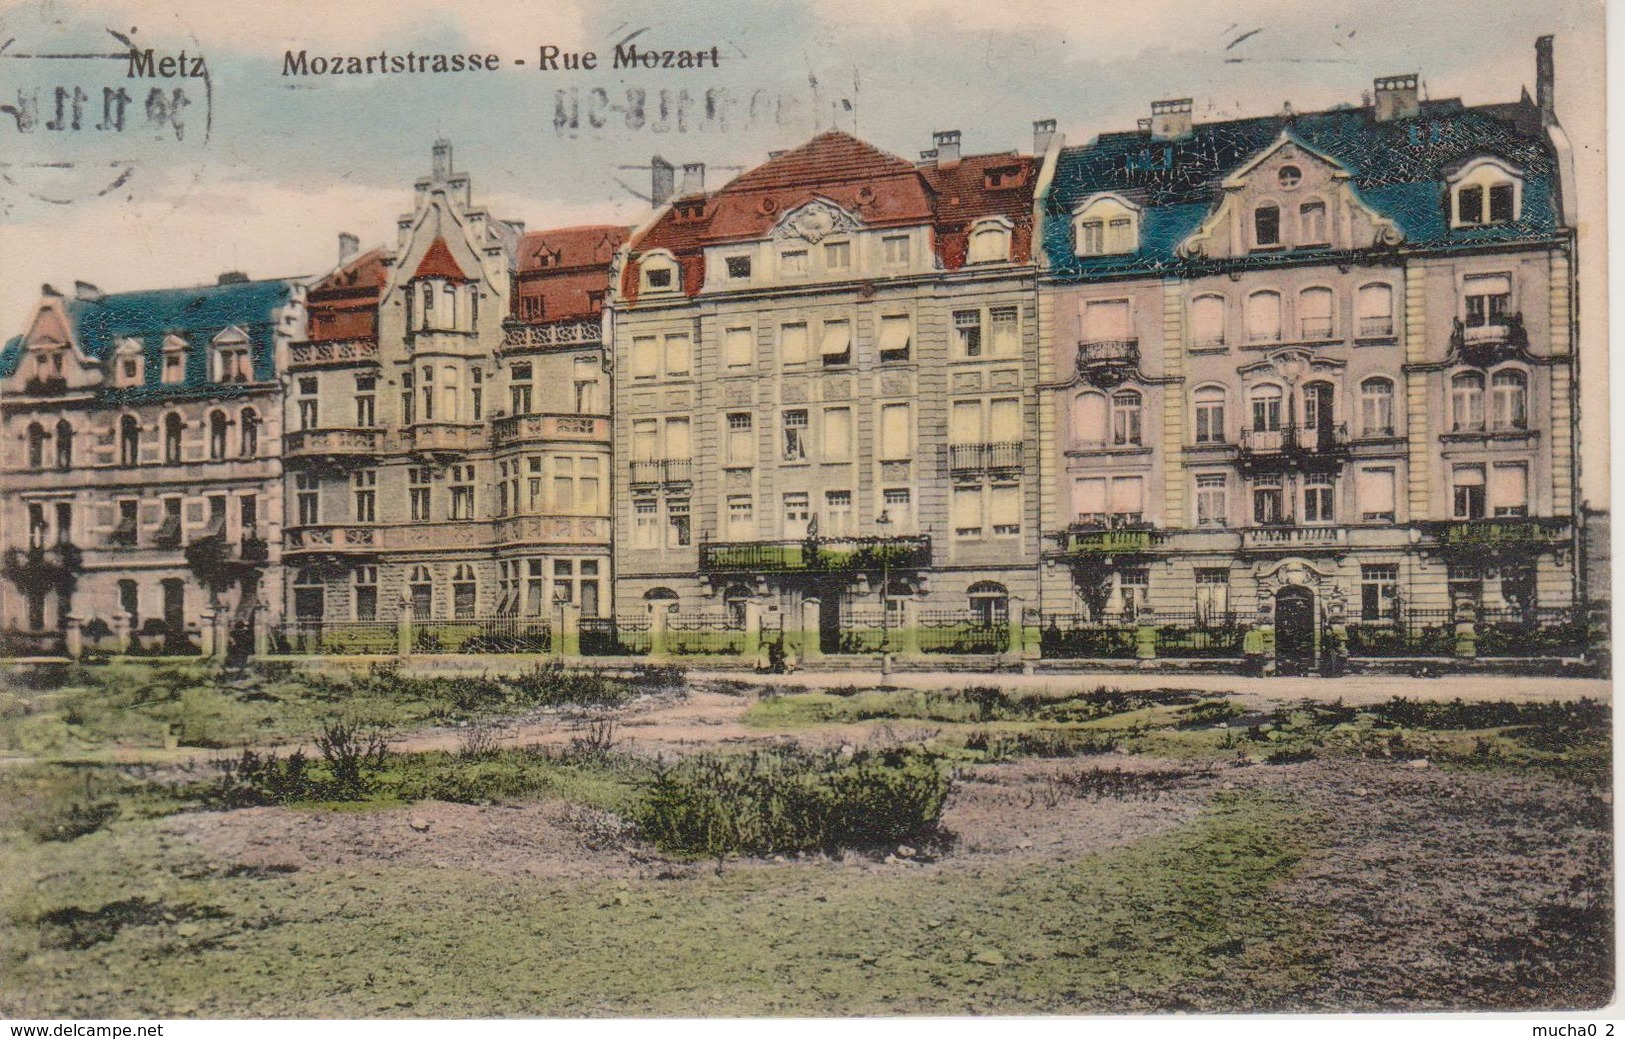 57 - METZ - RUE MOZART - Metz